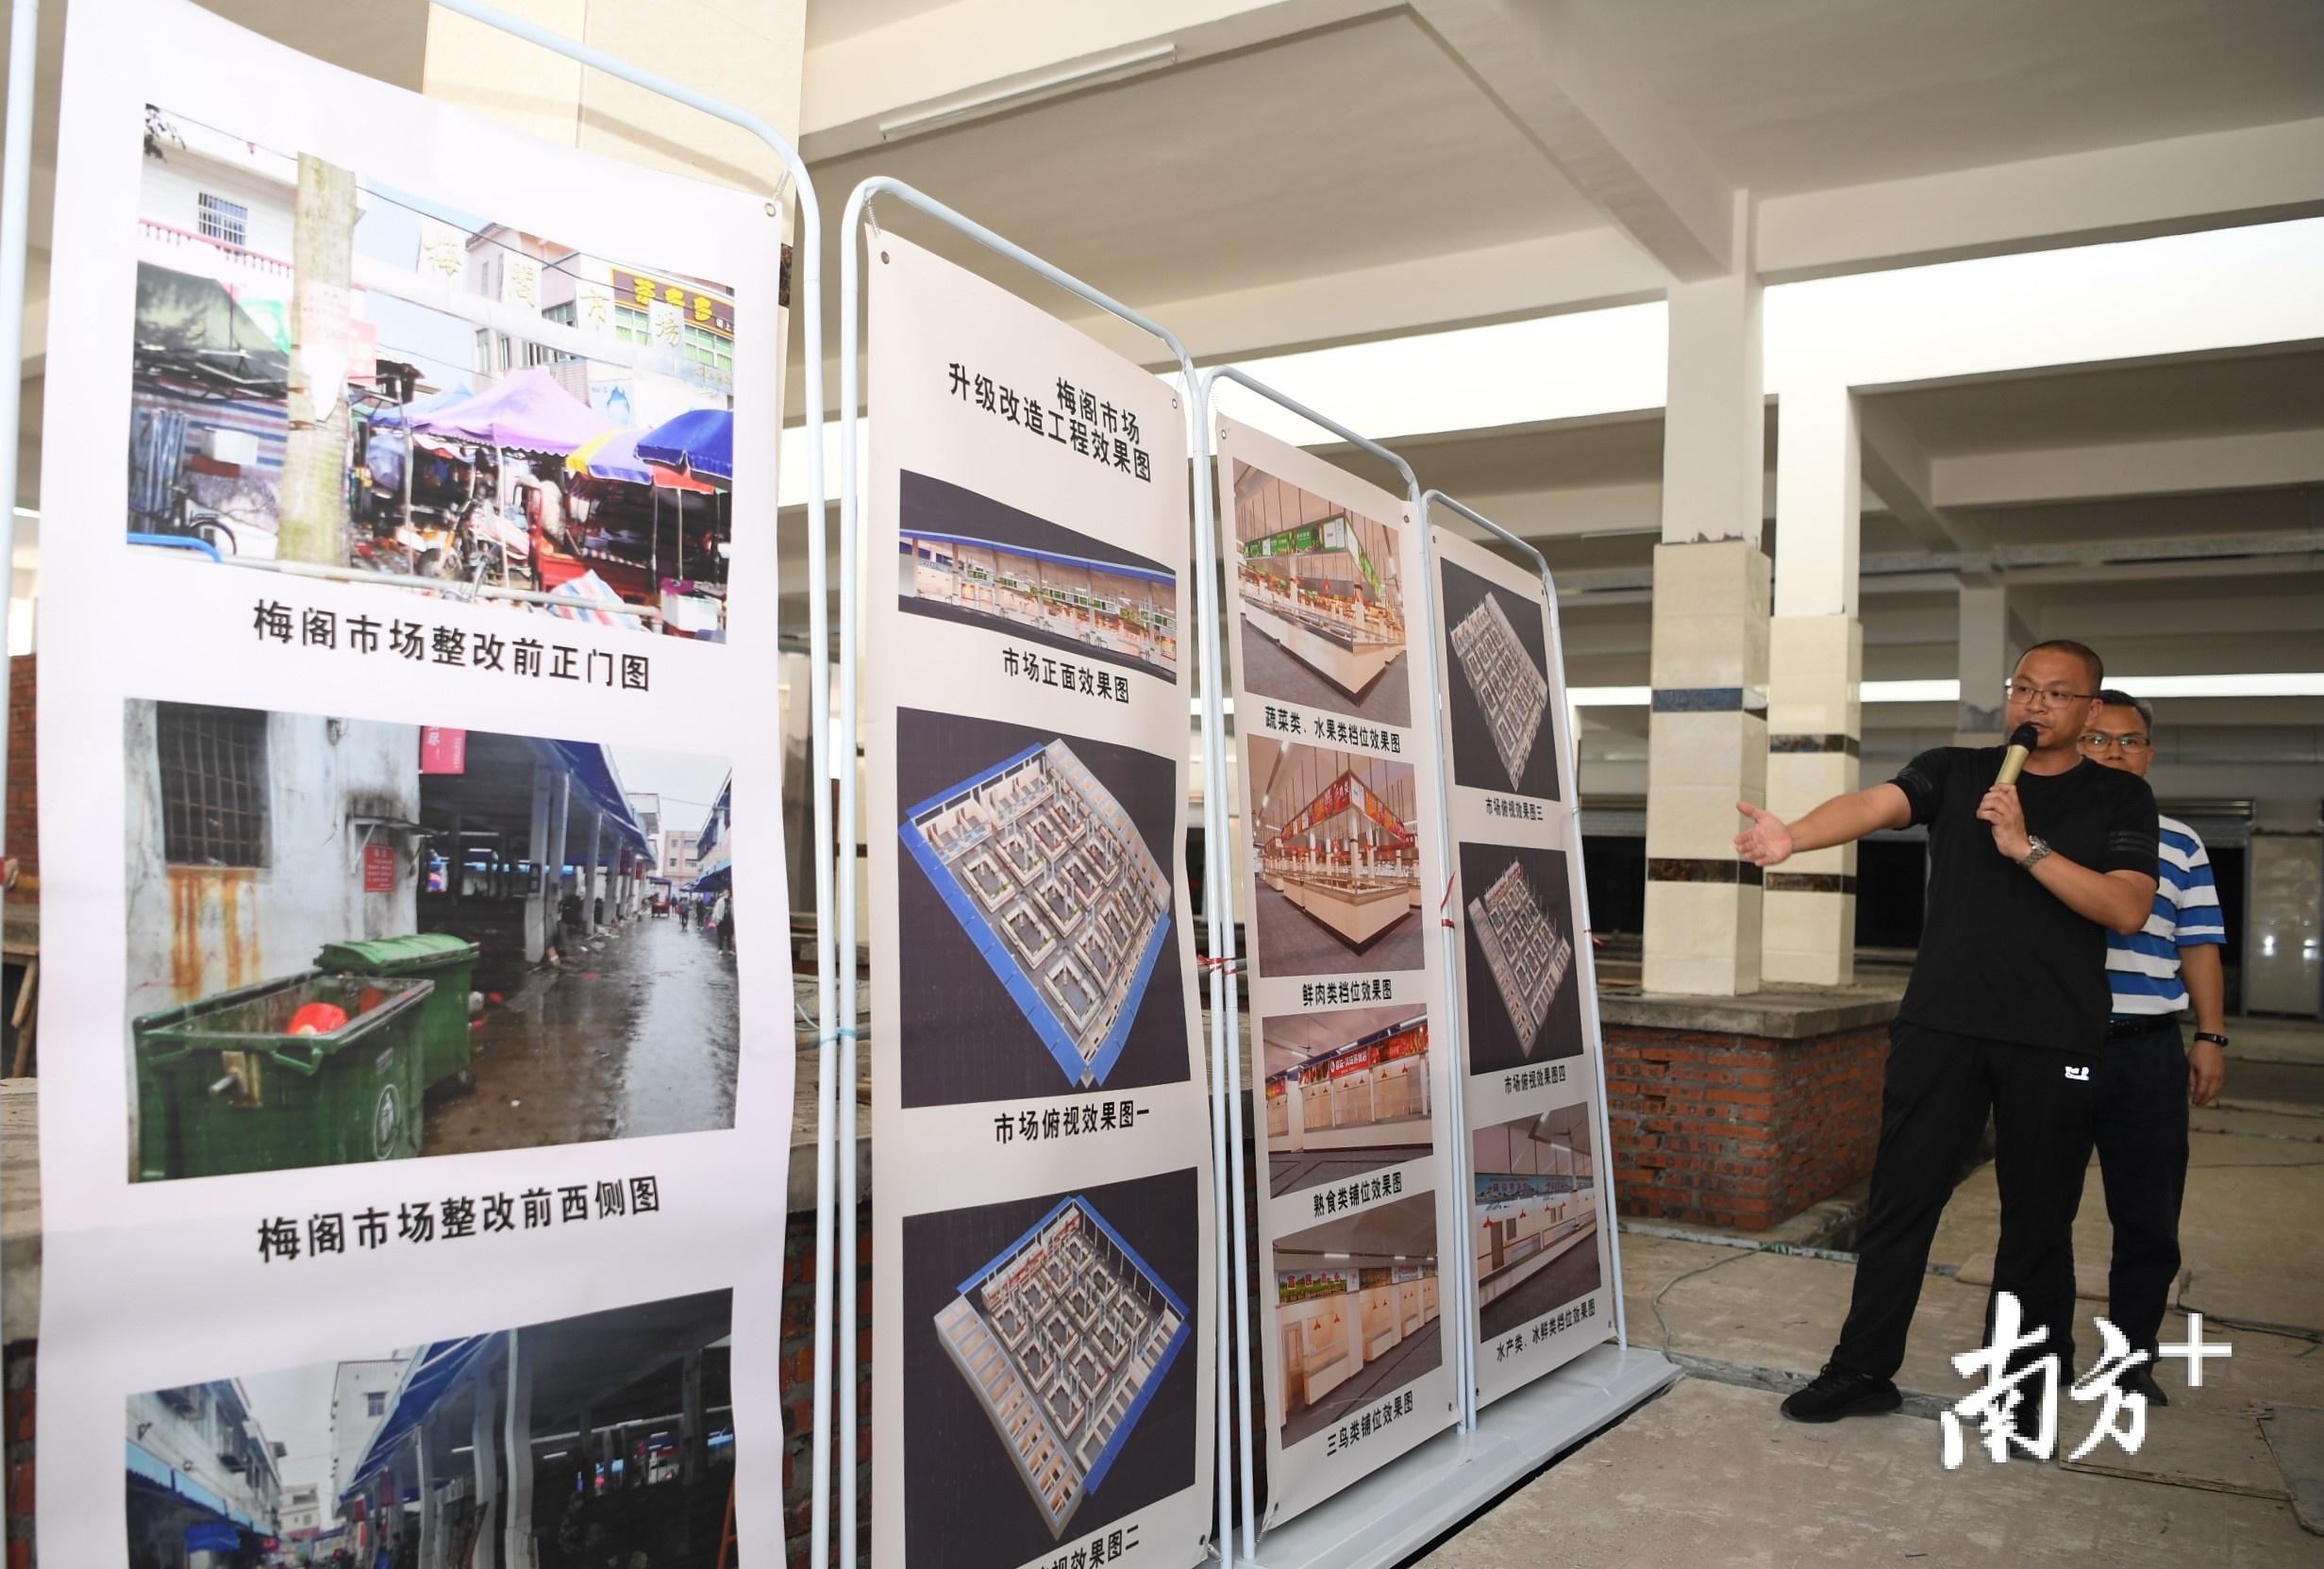 招标结束后,梅阁市场迎来了升级改造。南方日报记者 杨兴乐 摄